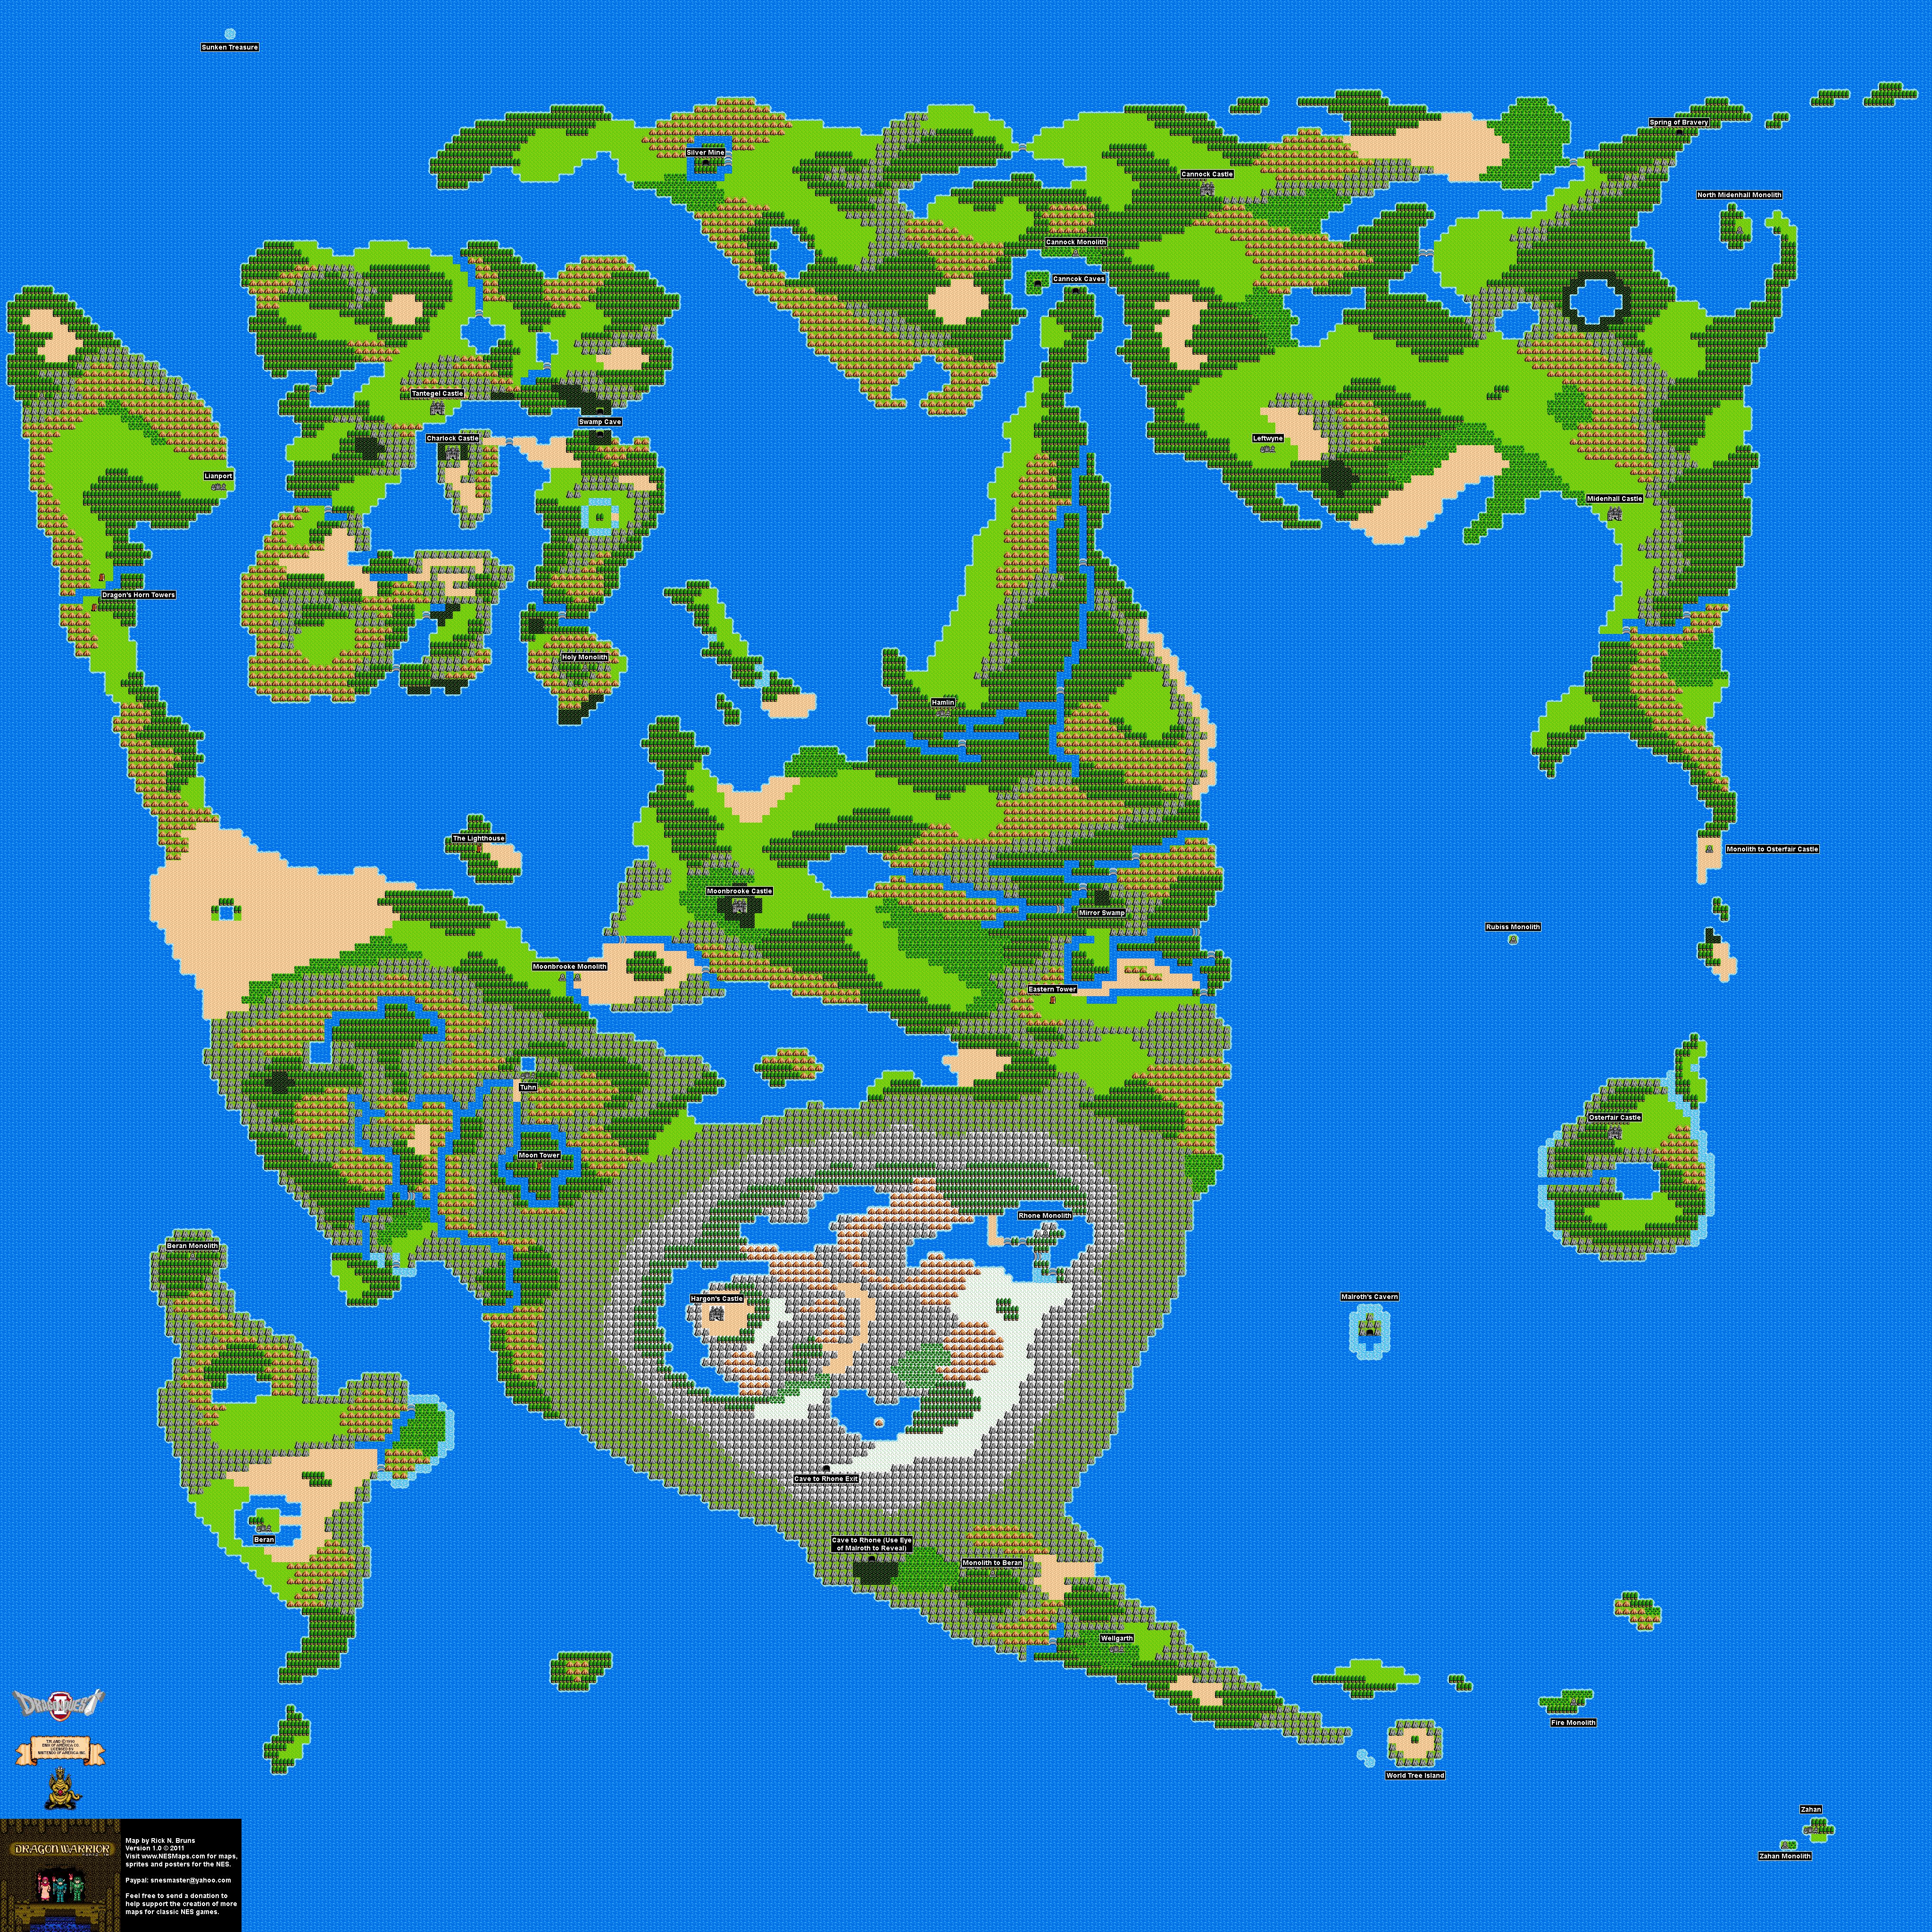 Dargon Warrior Ii Overworld Nintendo Nes Map